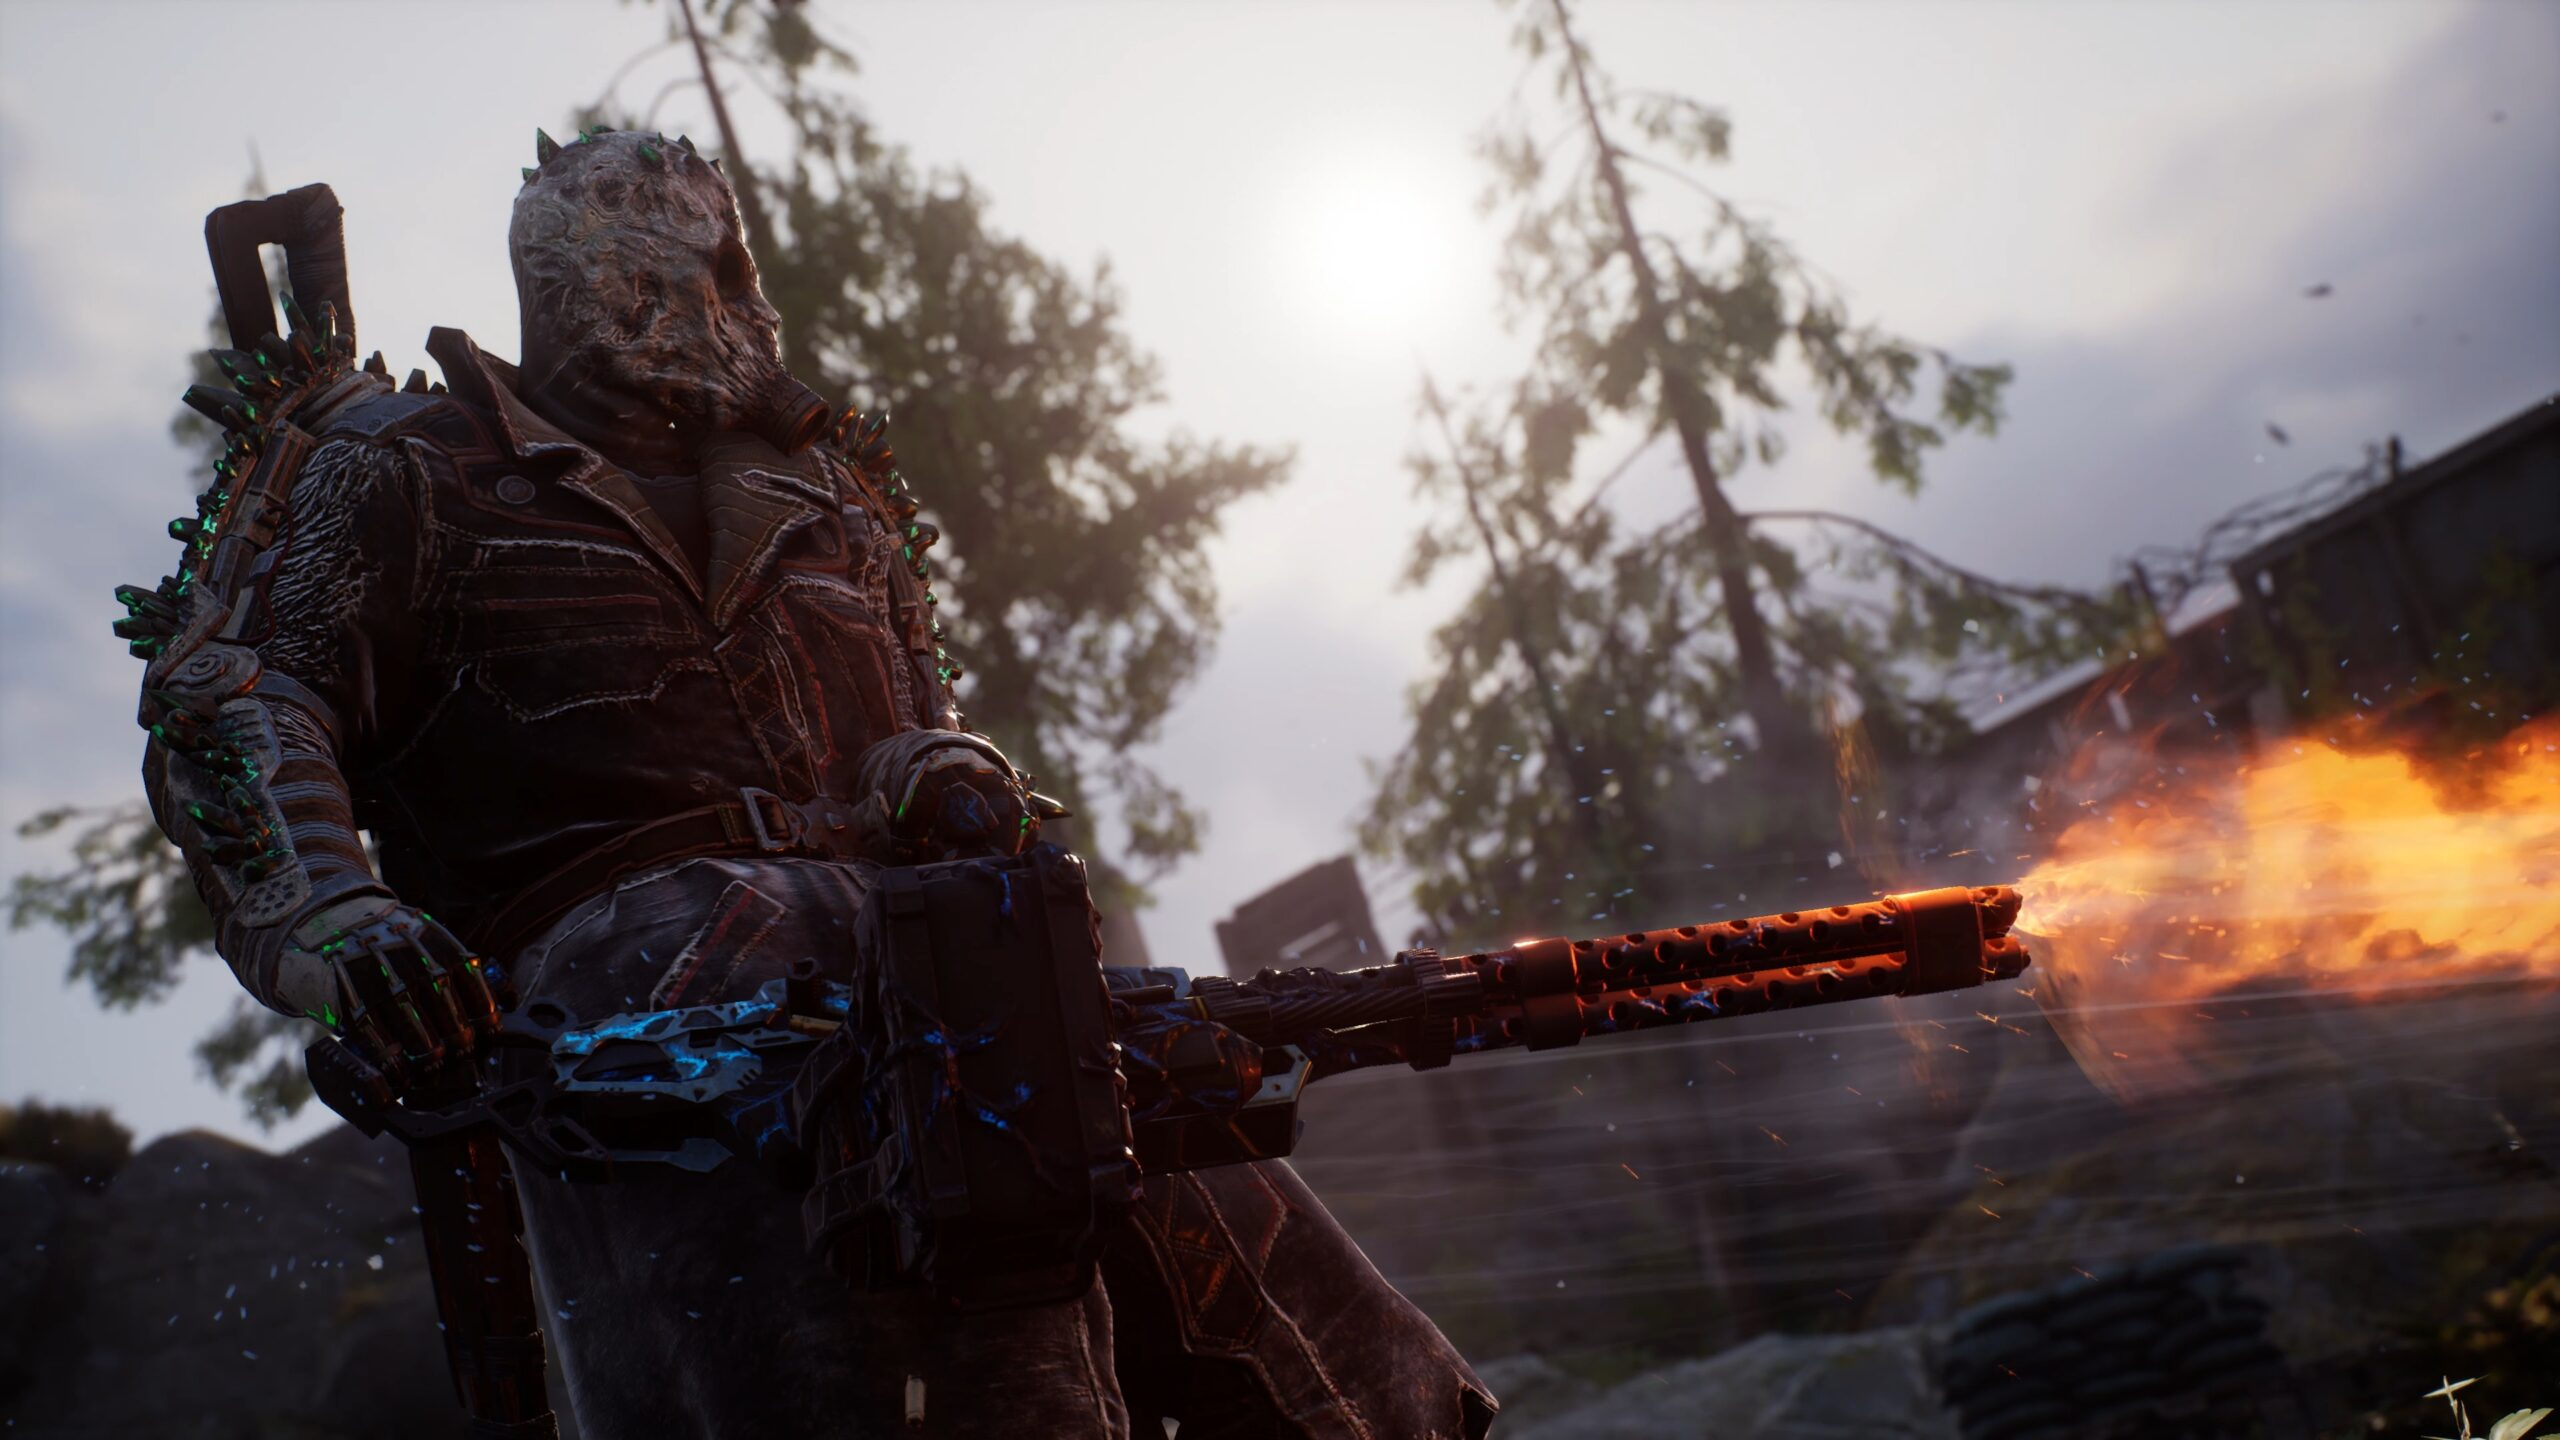 Разработчики Outriders могут отслеживать игроков, которые будут получать легендарные предметы с помощью читов